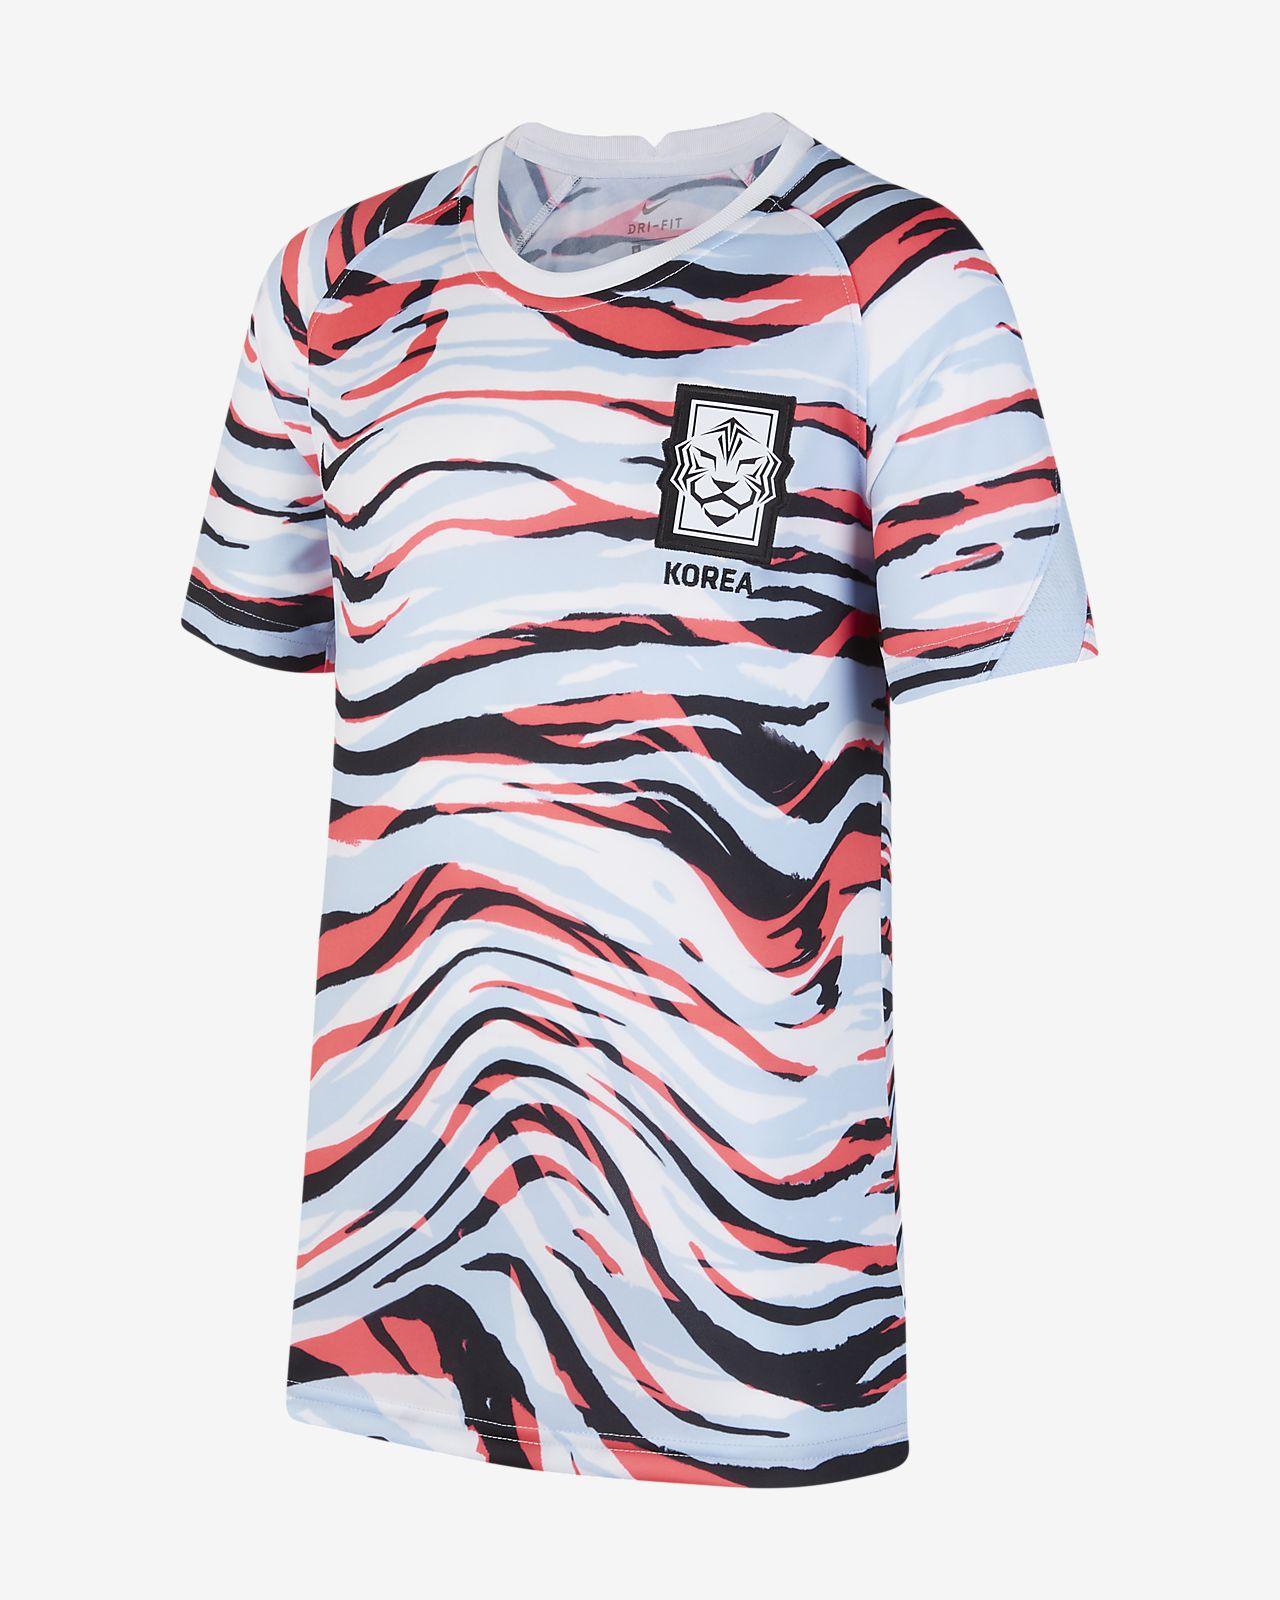 เสื้อฟุตบอลแขนสั้นเด็กโต Korea